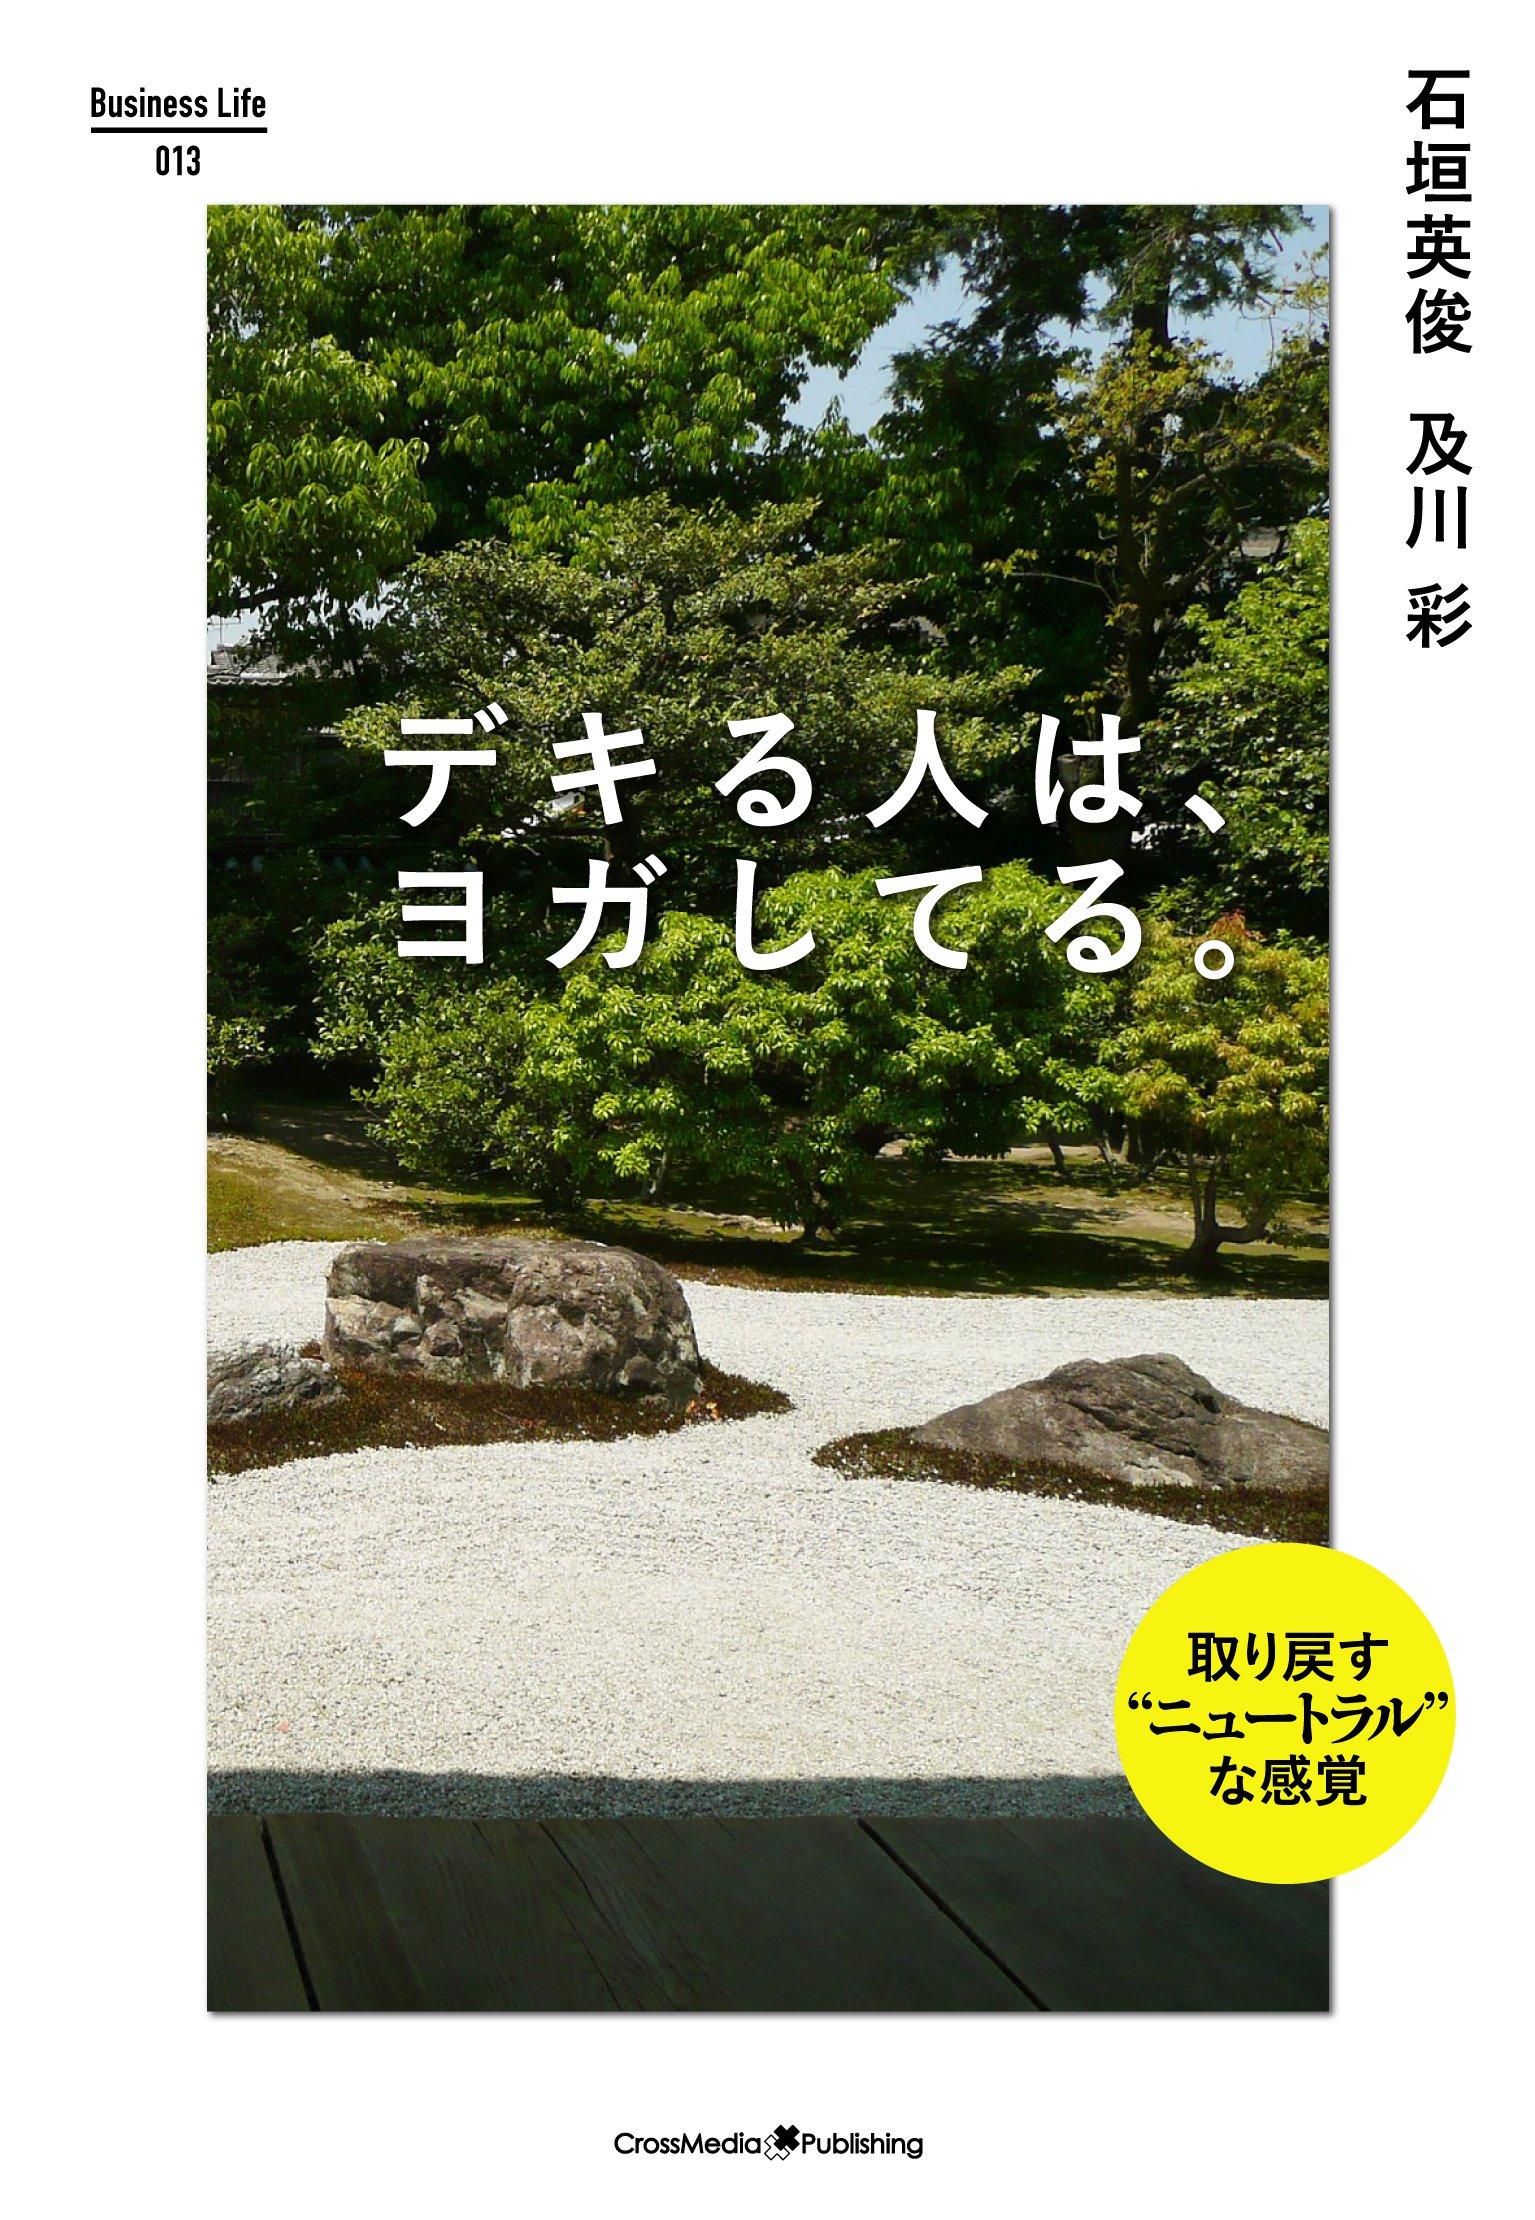 書籍『デキる人は、ヨガしてる。』